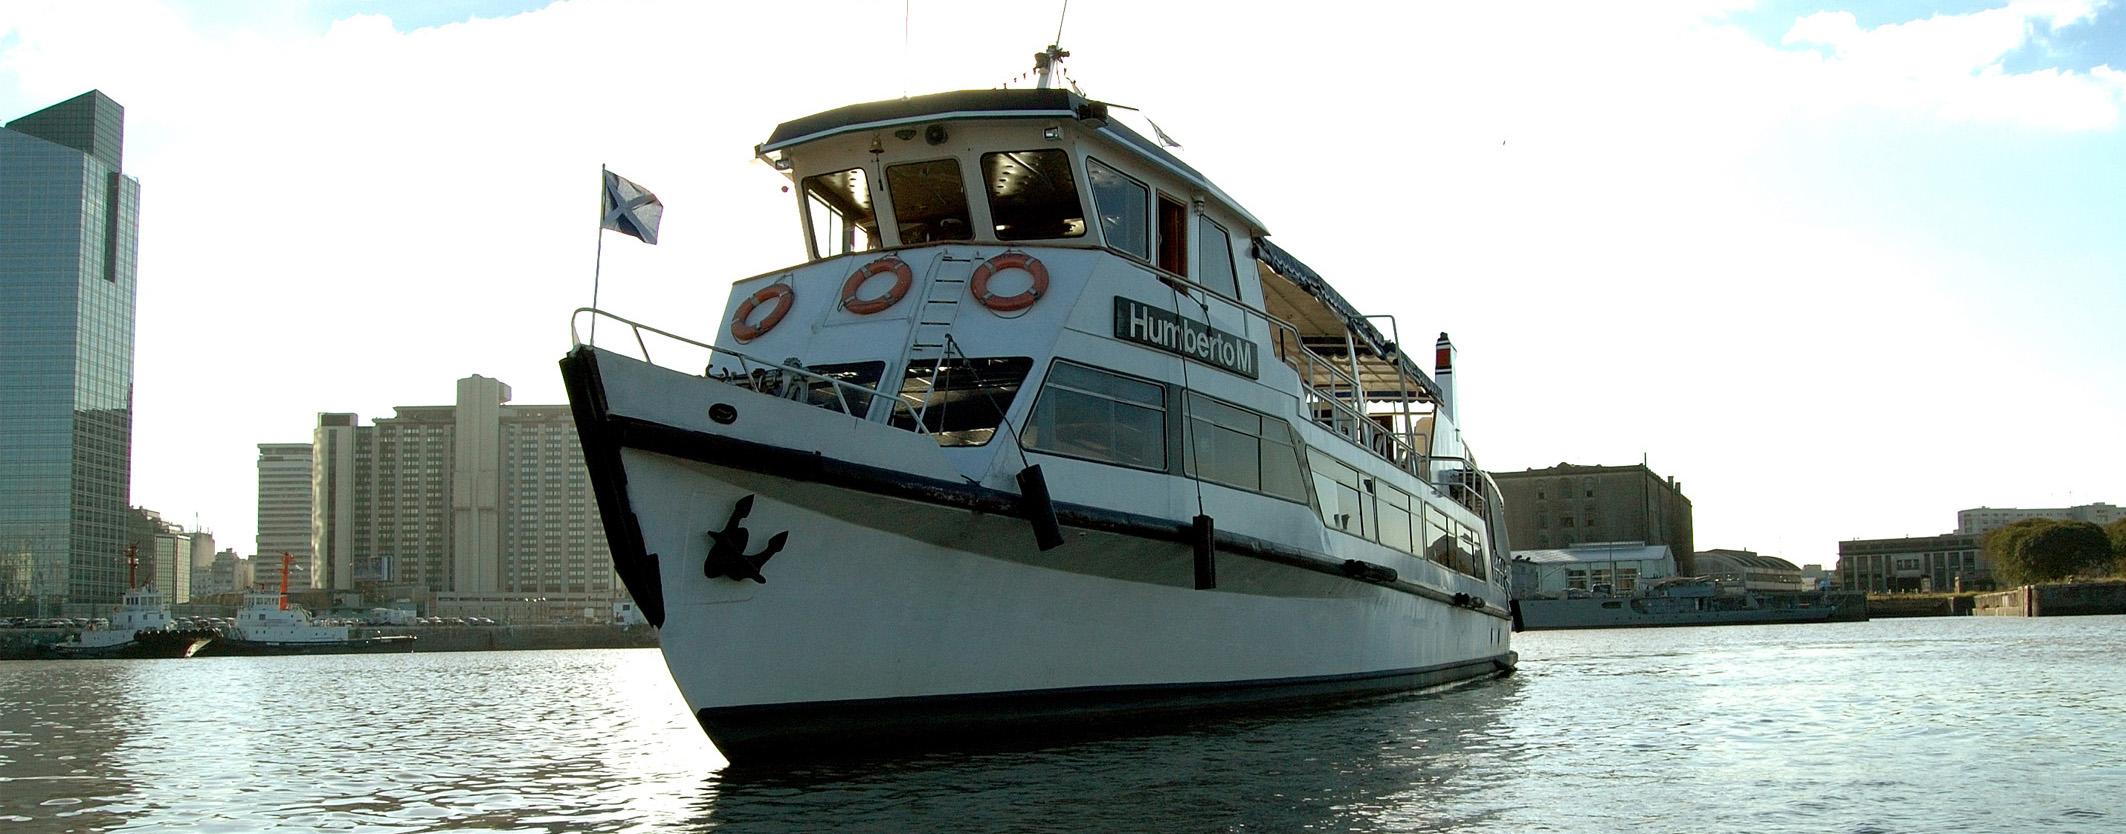 barco frente y ciudad